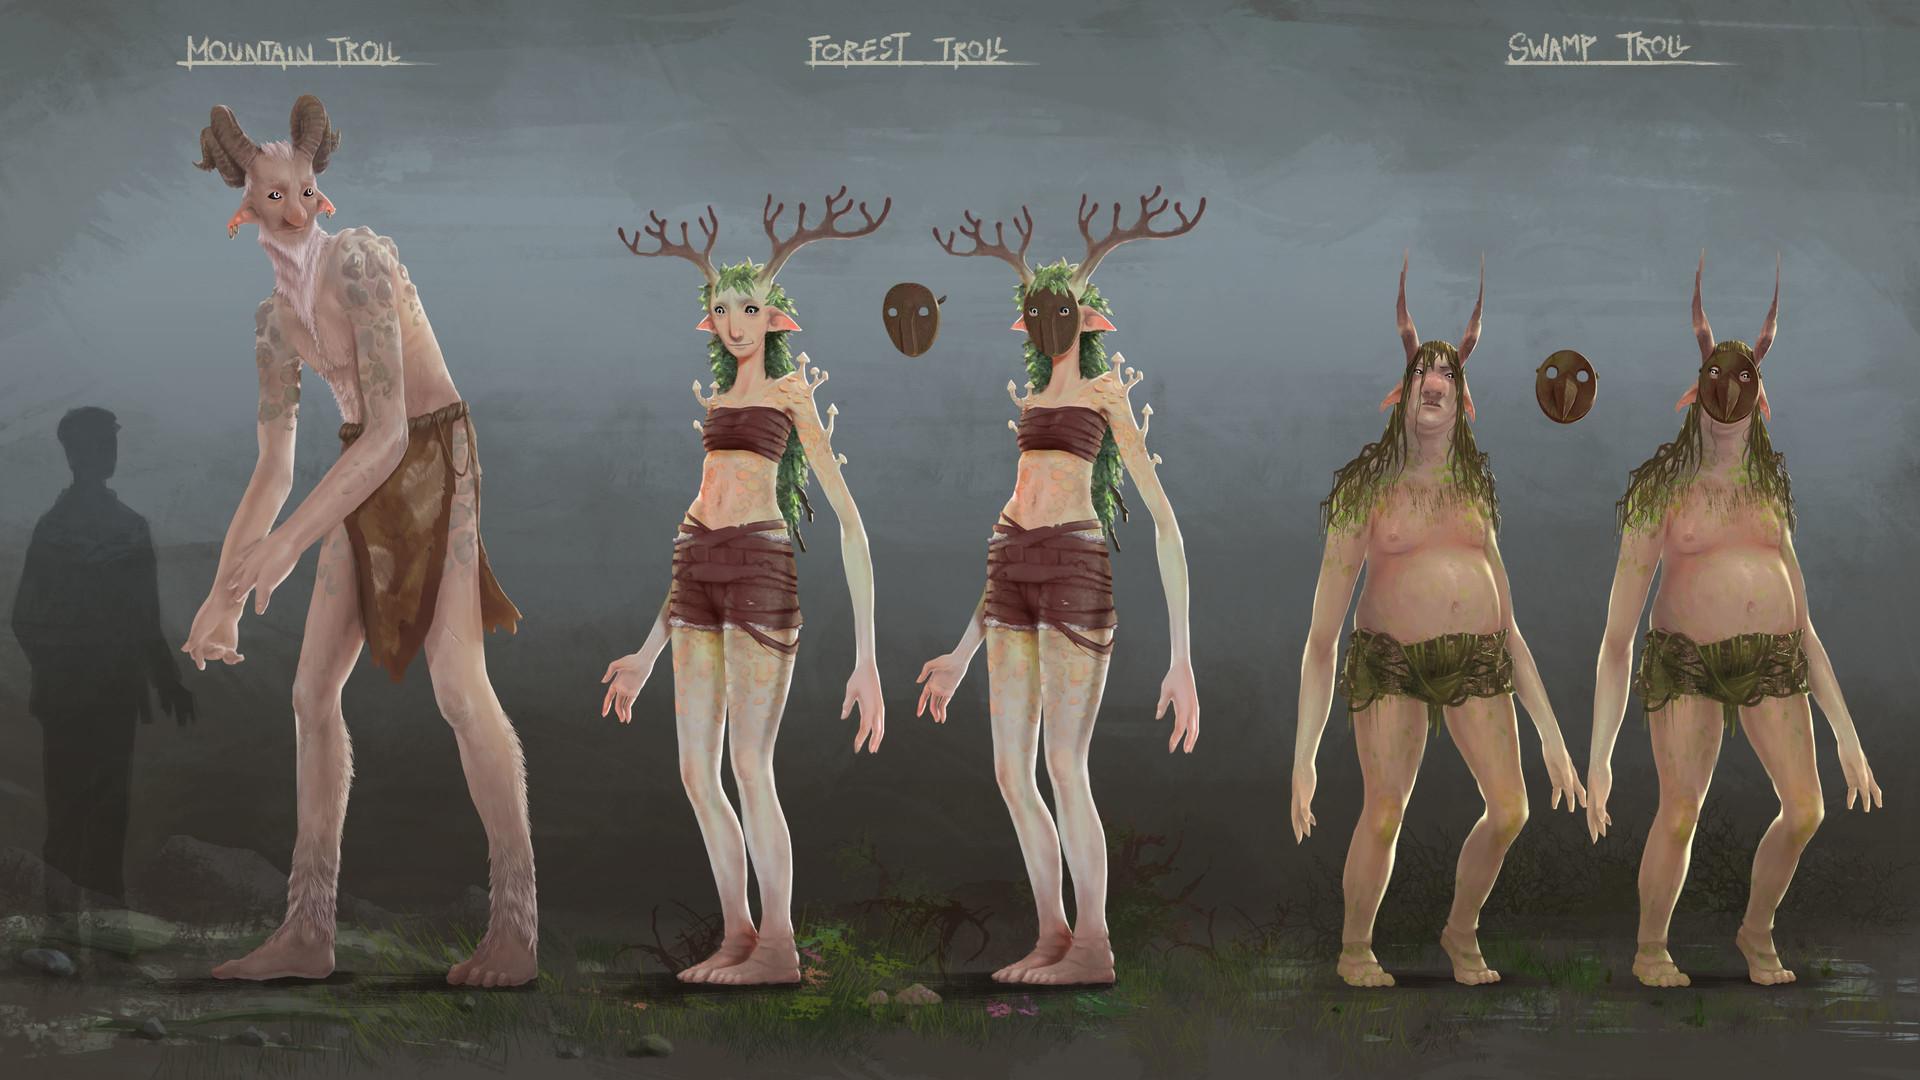 ArtStation - Norwegian Trolls, Maxime Bocquier